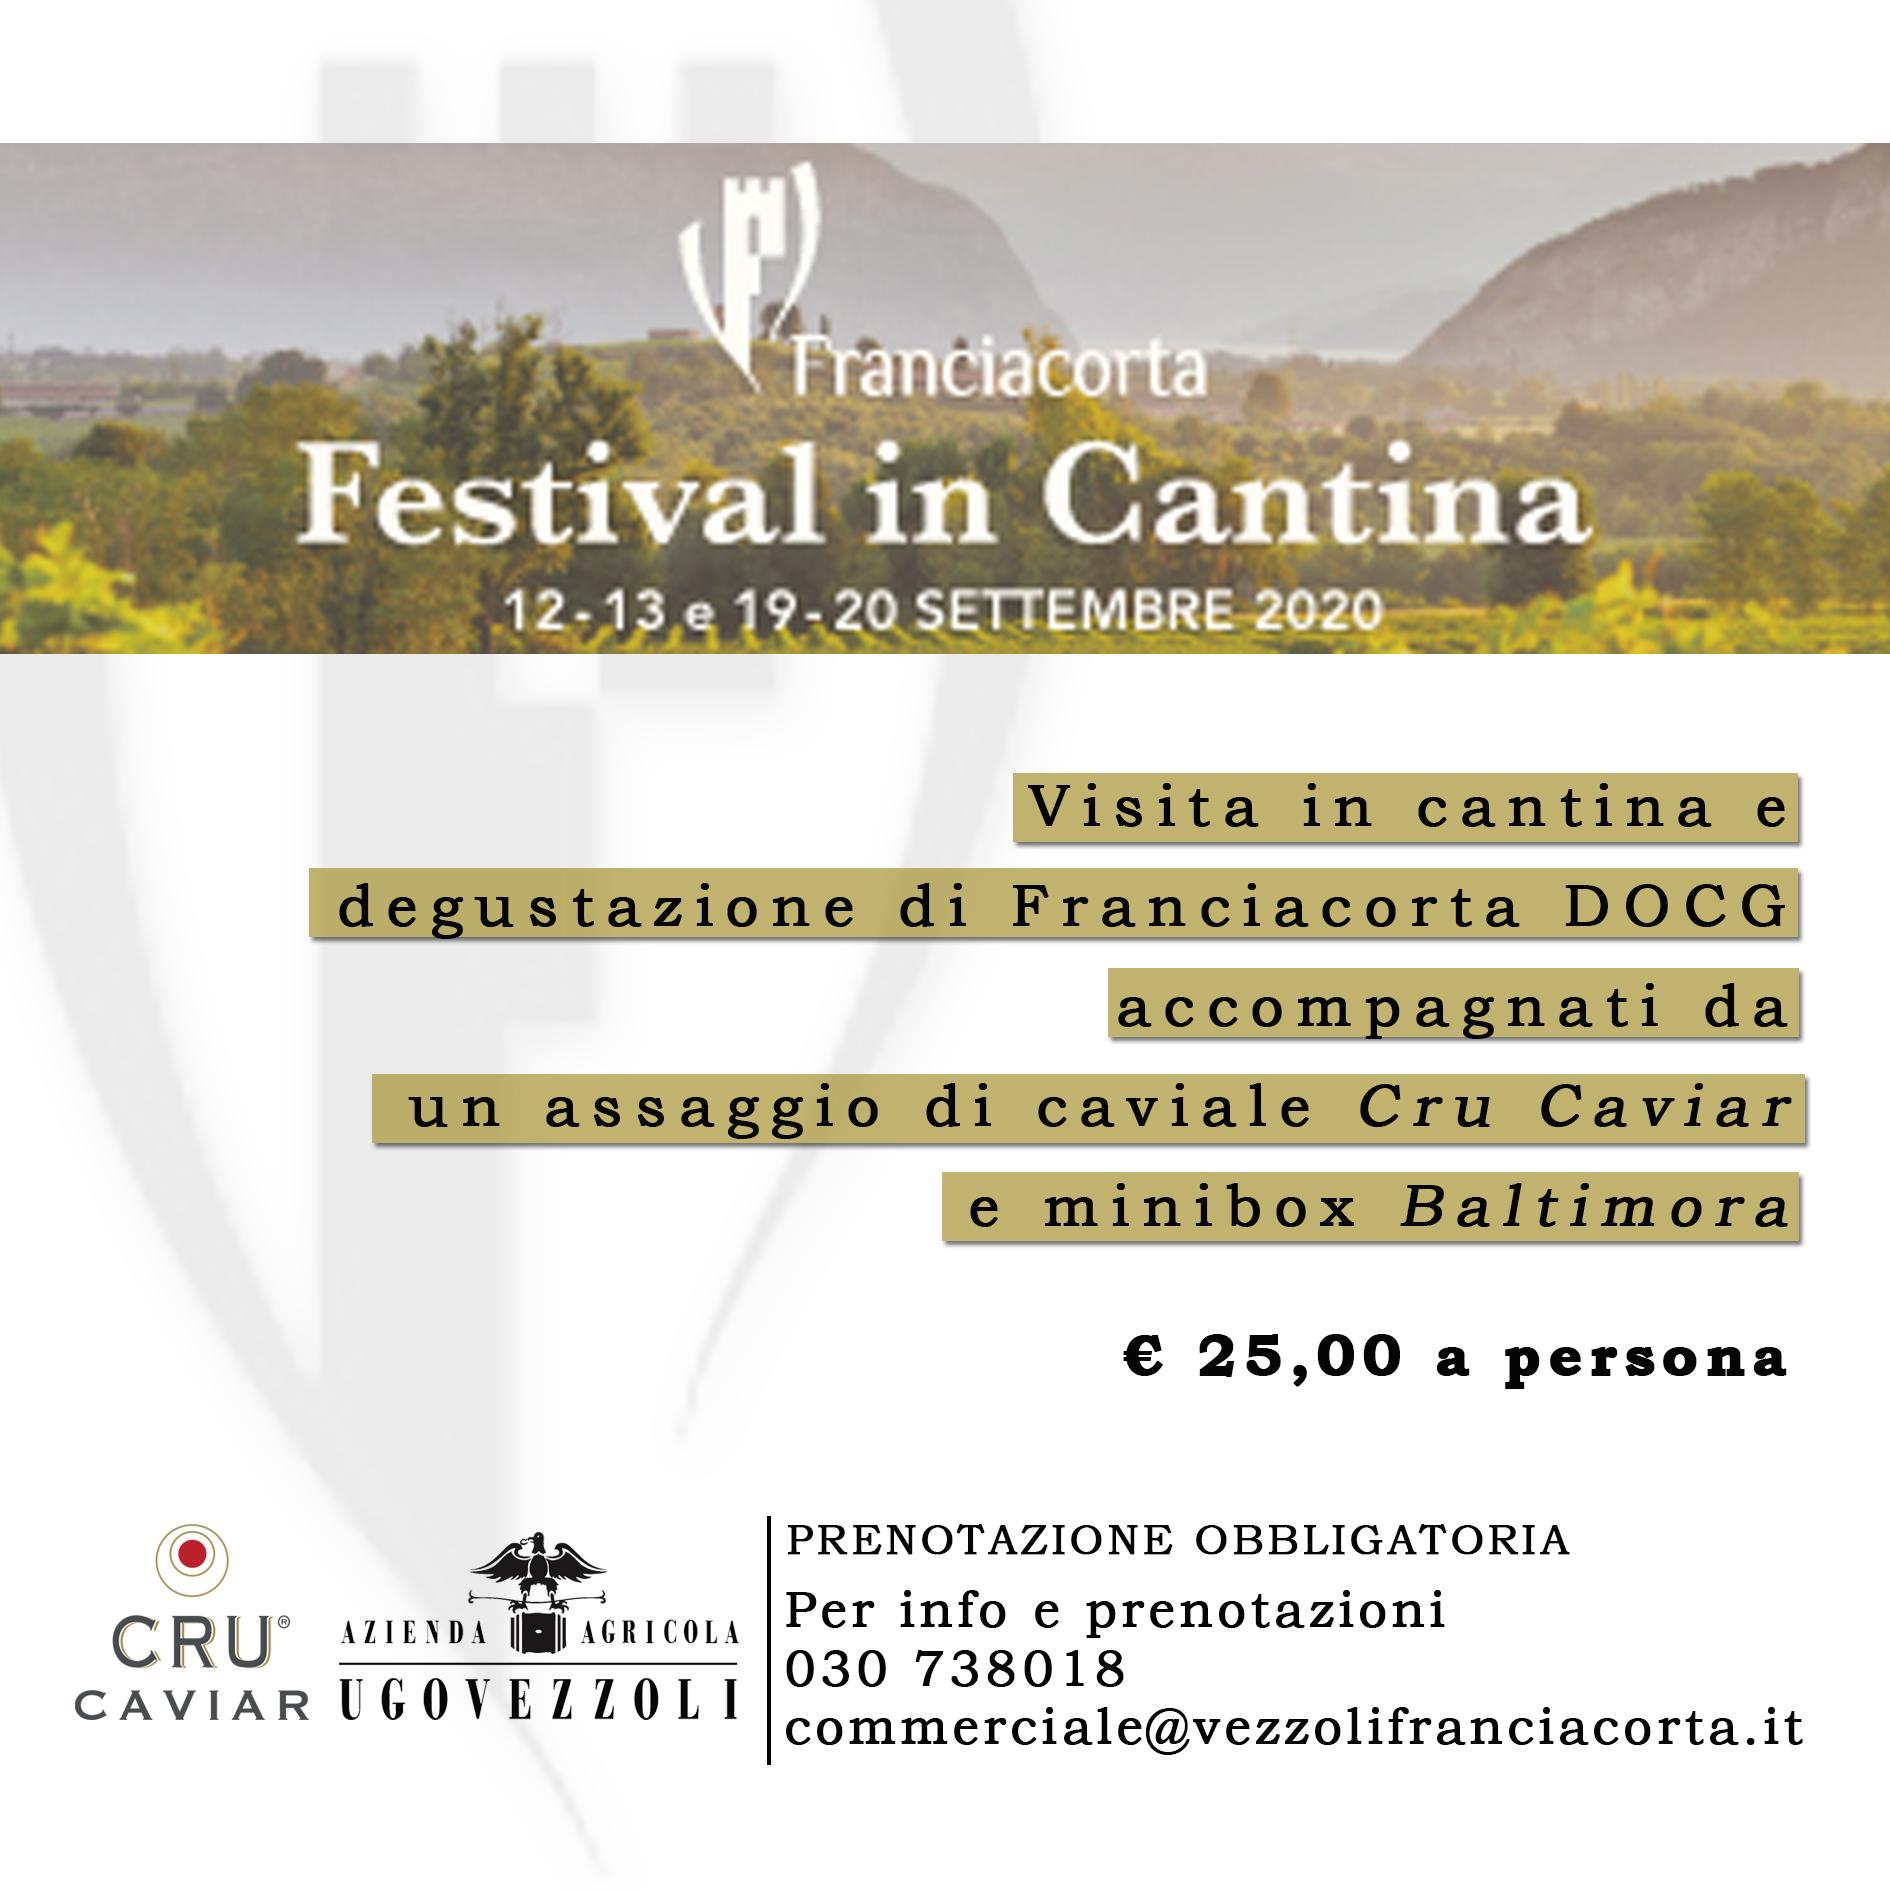 Visita in cantina – Festival in Cantina 12-13 e 19-20 Settembre 2020